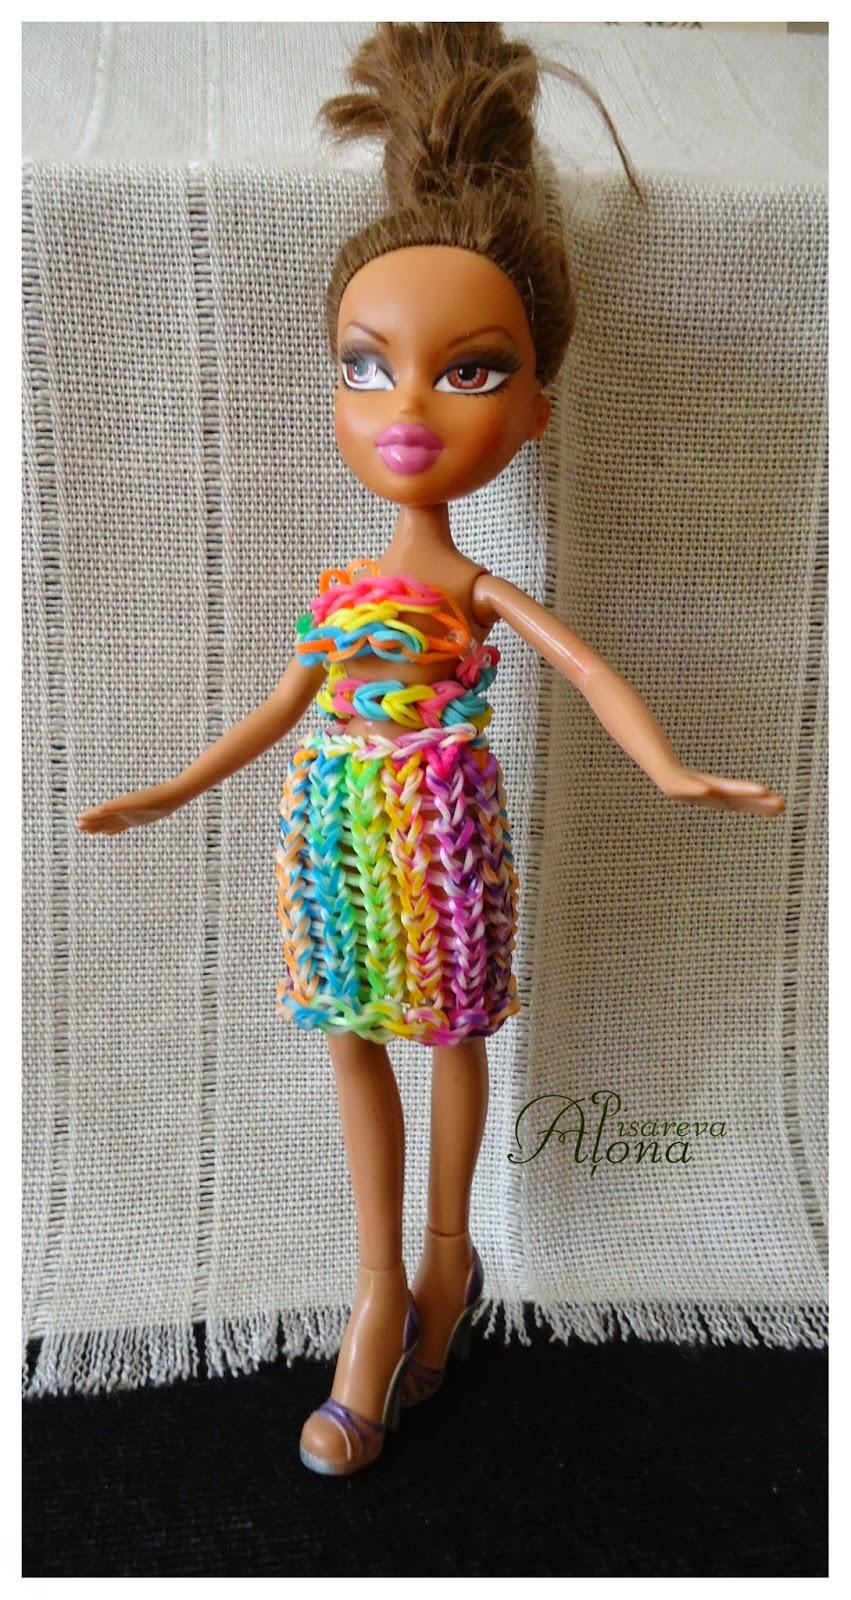 Одежда для кукол из резинок: фото и видео мастер-классы